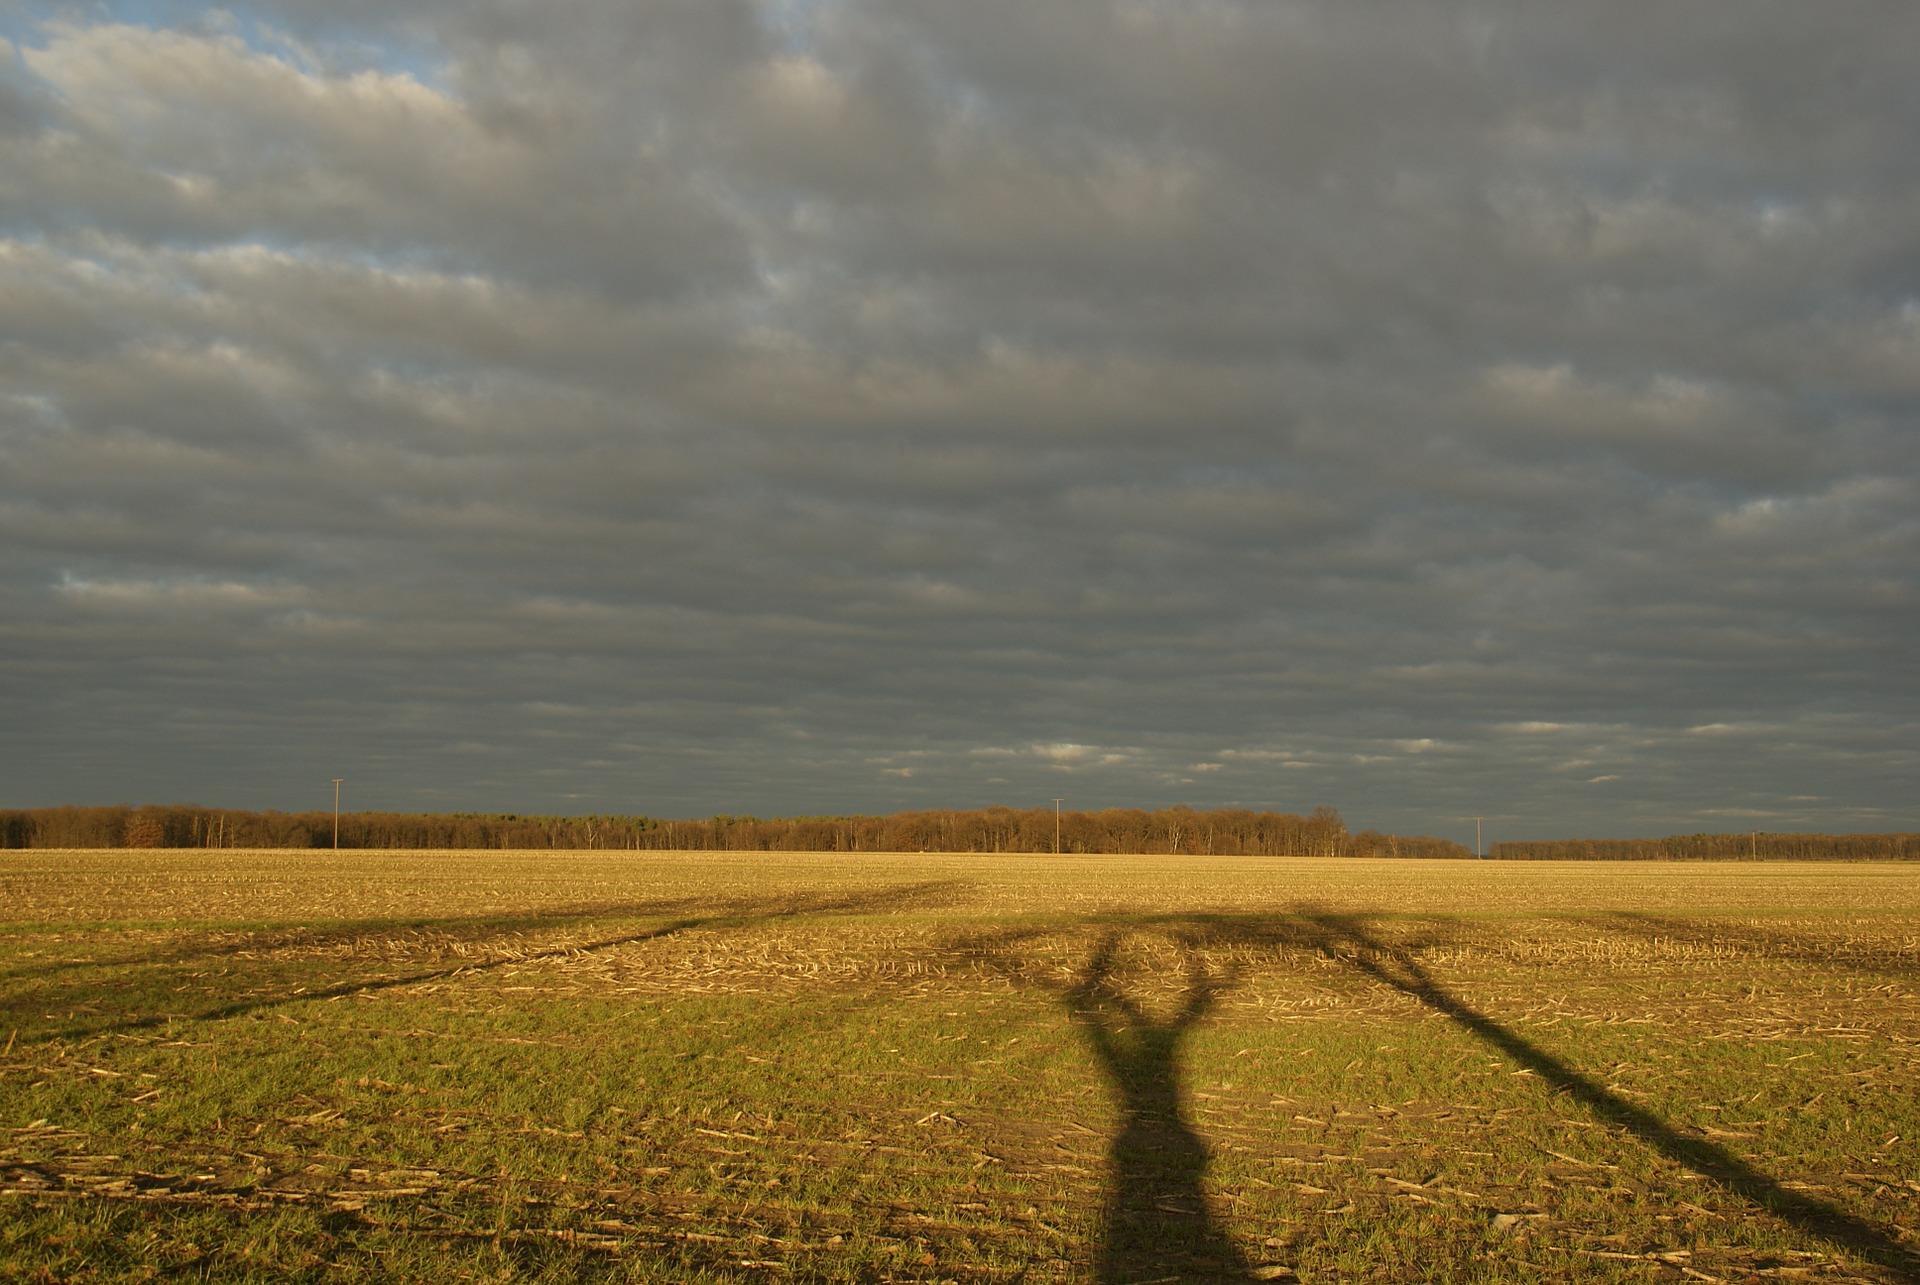 Das landwirtschaftlich genutzte Hinterliegergrundstück — und der Straßenausbaubeitrag